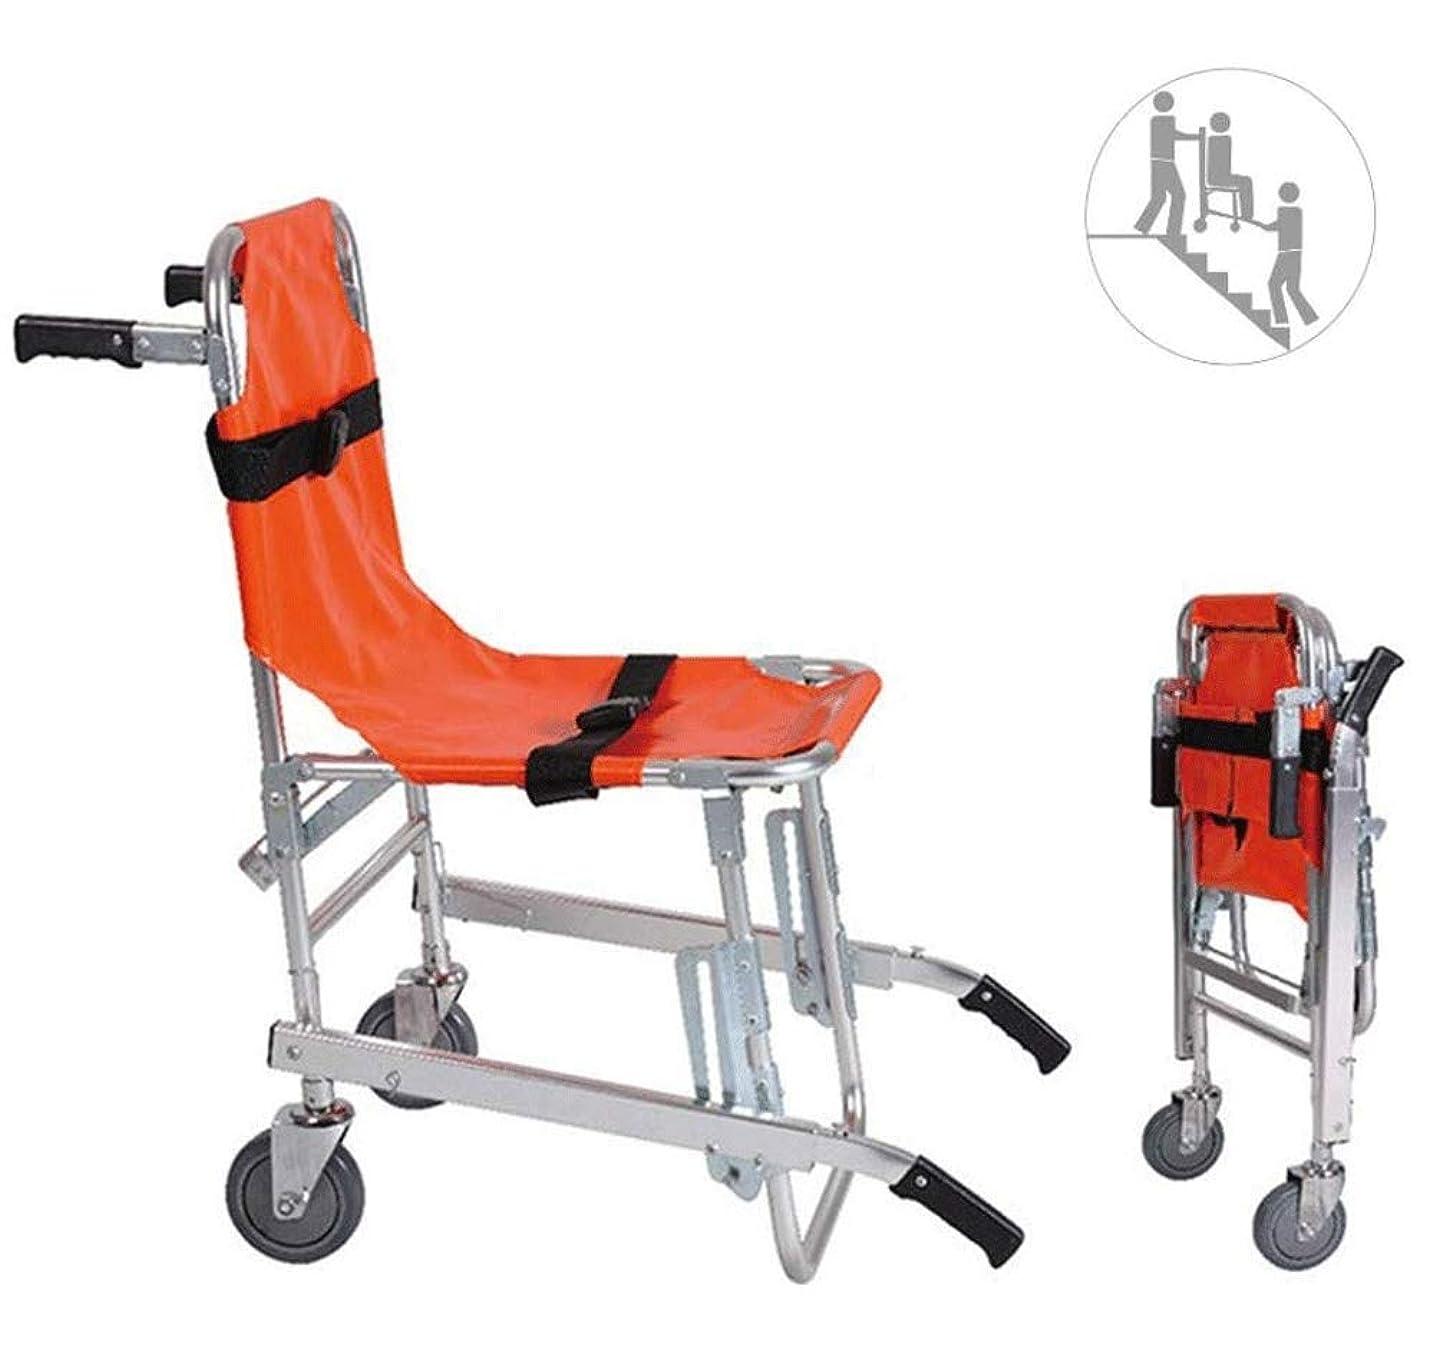 メロディー行列接続されたEMS階段チェア - クイックリリースバックル、オレンジと医療リフト階段チェア折りたたみアルミ軽量救急車消防士避難